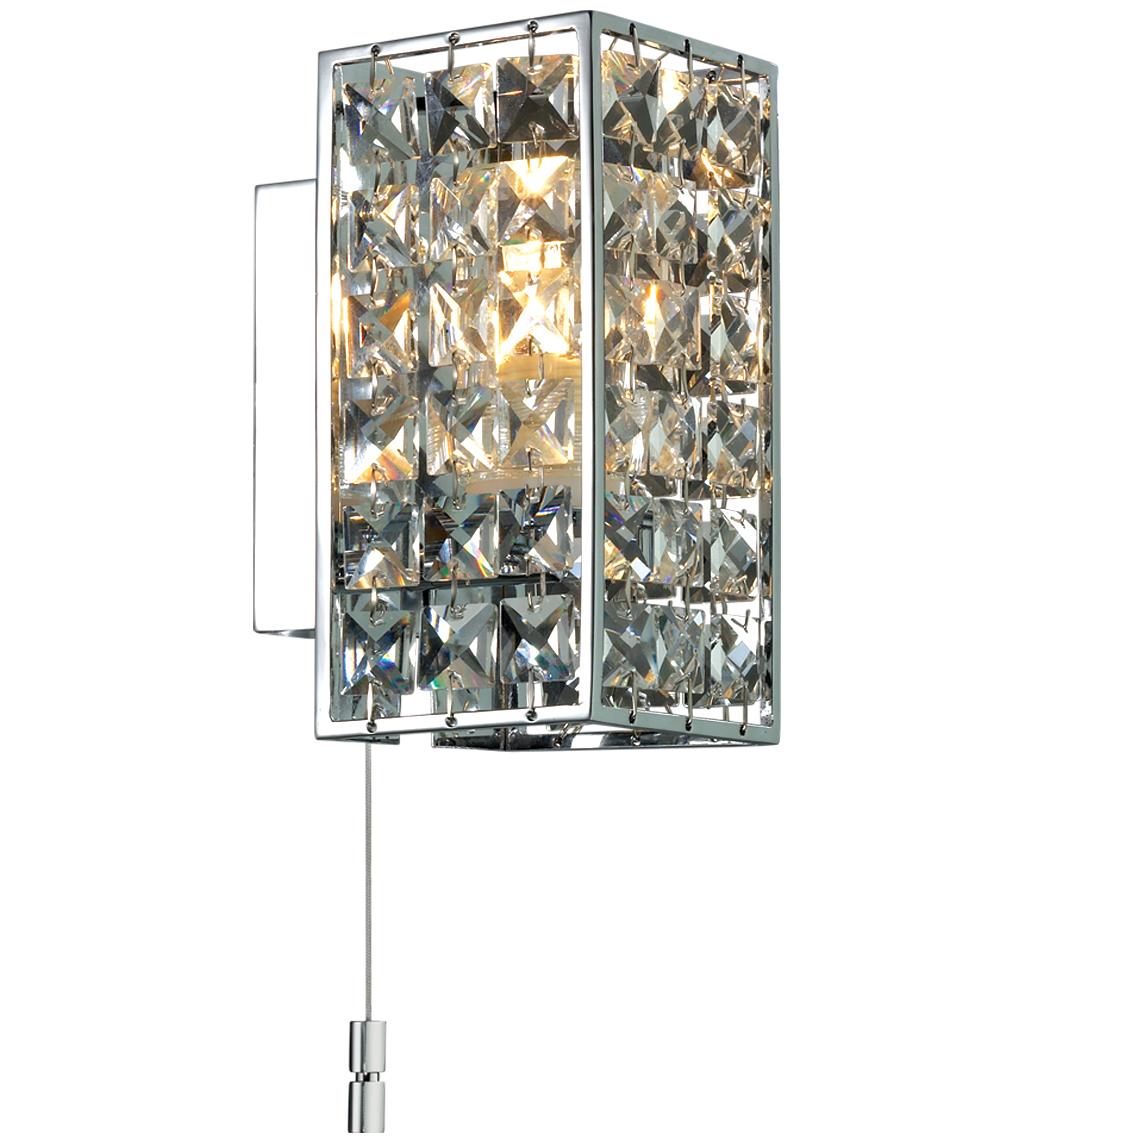 Светильник для ванной комнаты Odeon light 2249/1w